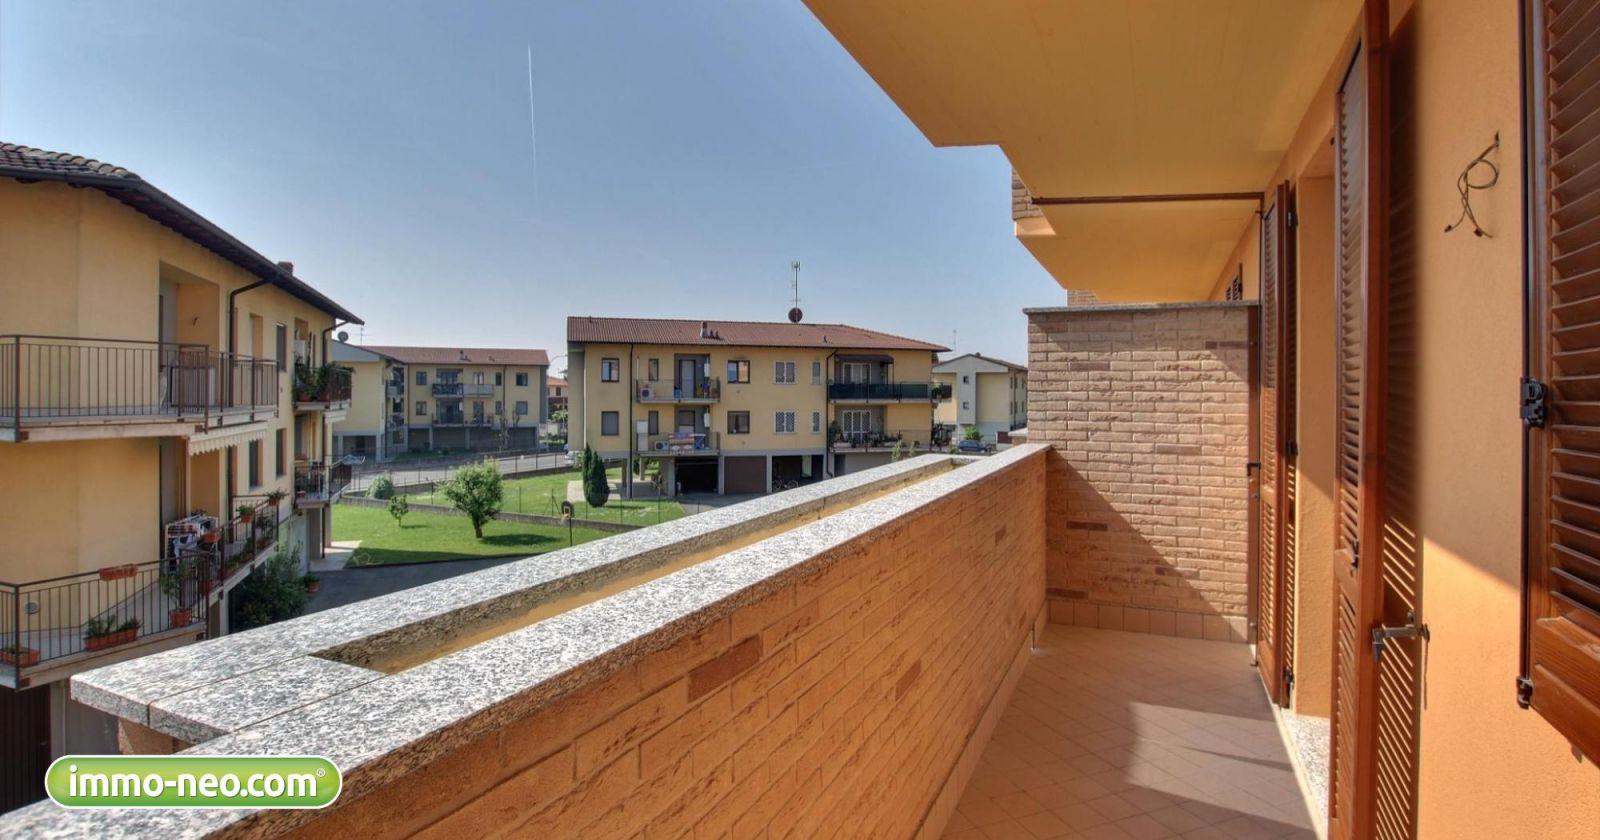 In vendita con immoneocom un appartamento nuovo di zecca tra Milano e Pavia